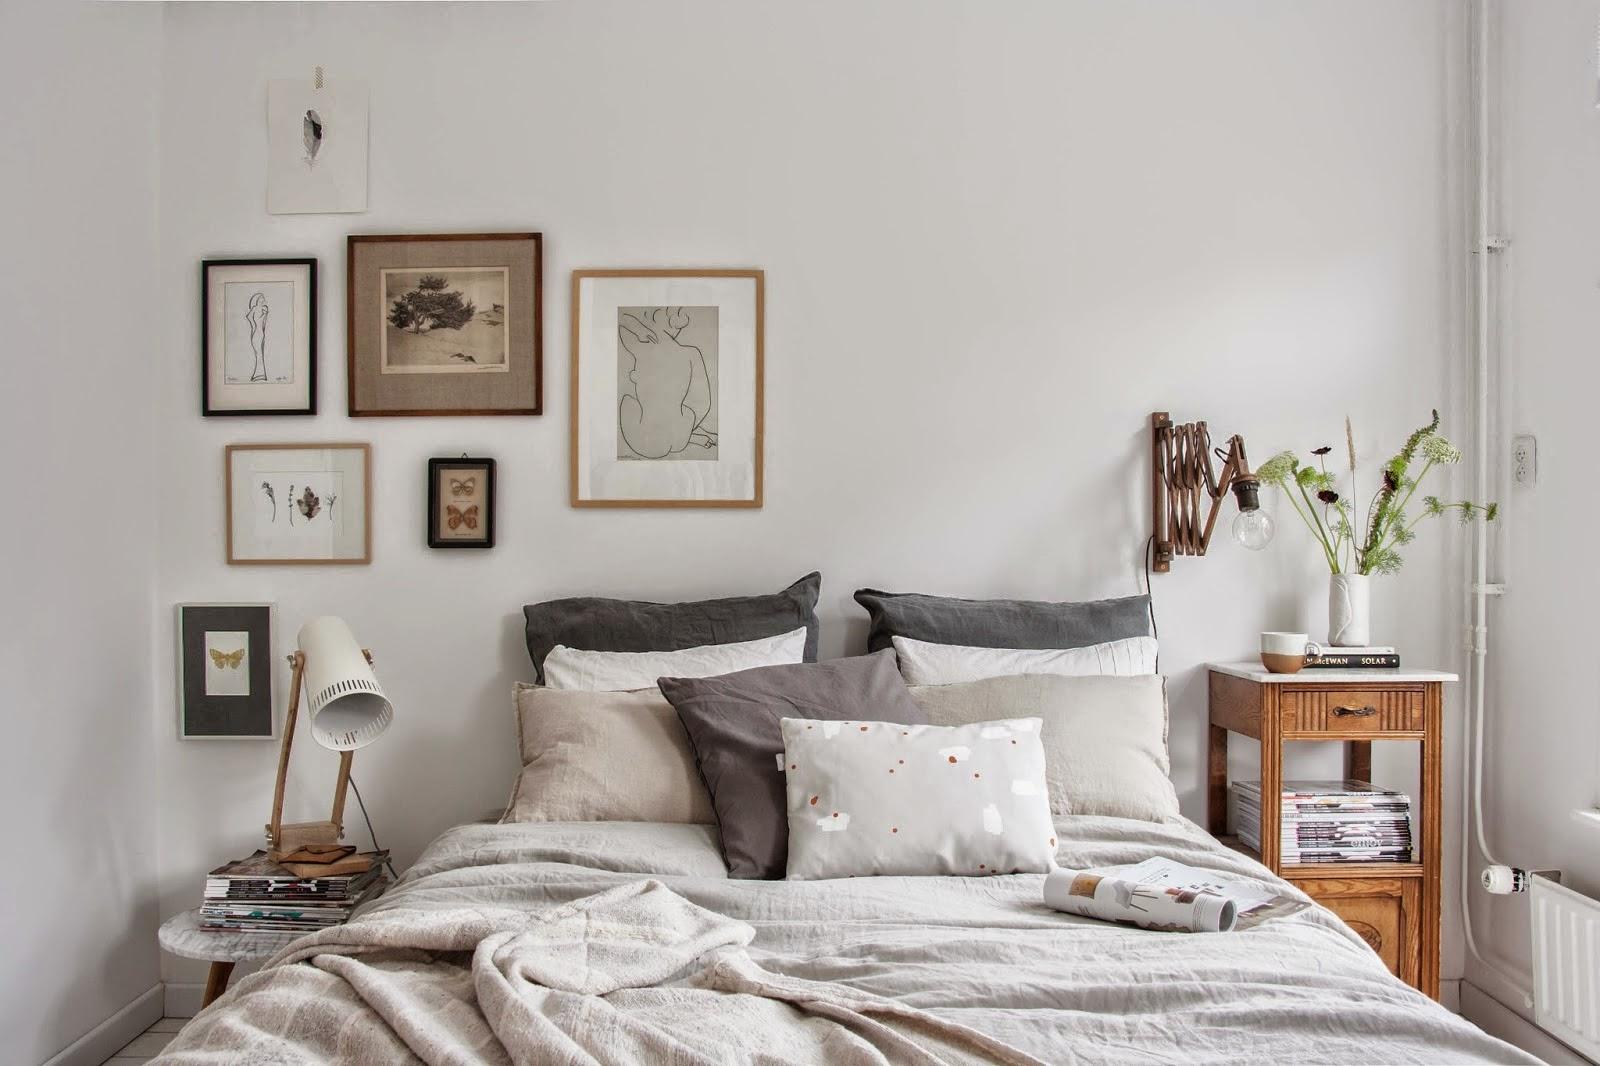 Un dormitorio con vestidor de estilo n rdico vintage - Dormitorios con estilo ...